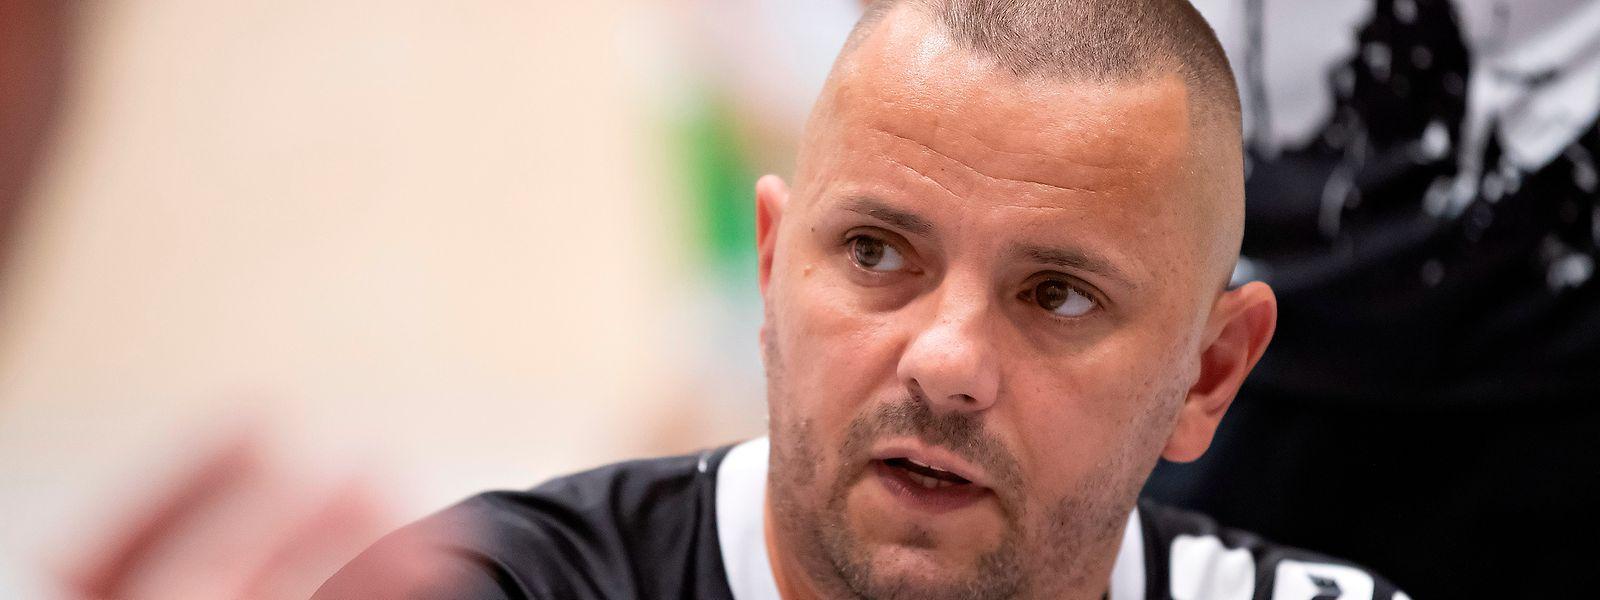 Danijel Grgic war zuletzt Jugendkoordinator in Sarlouis.